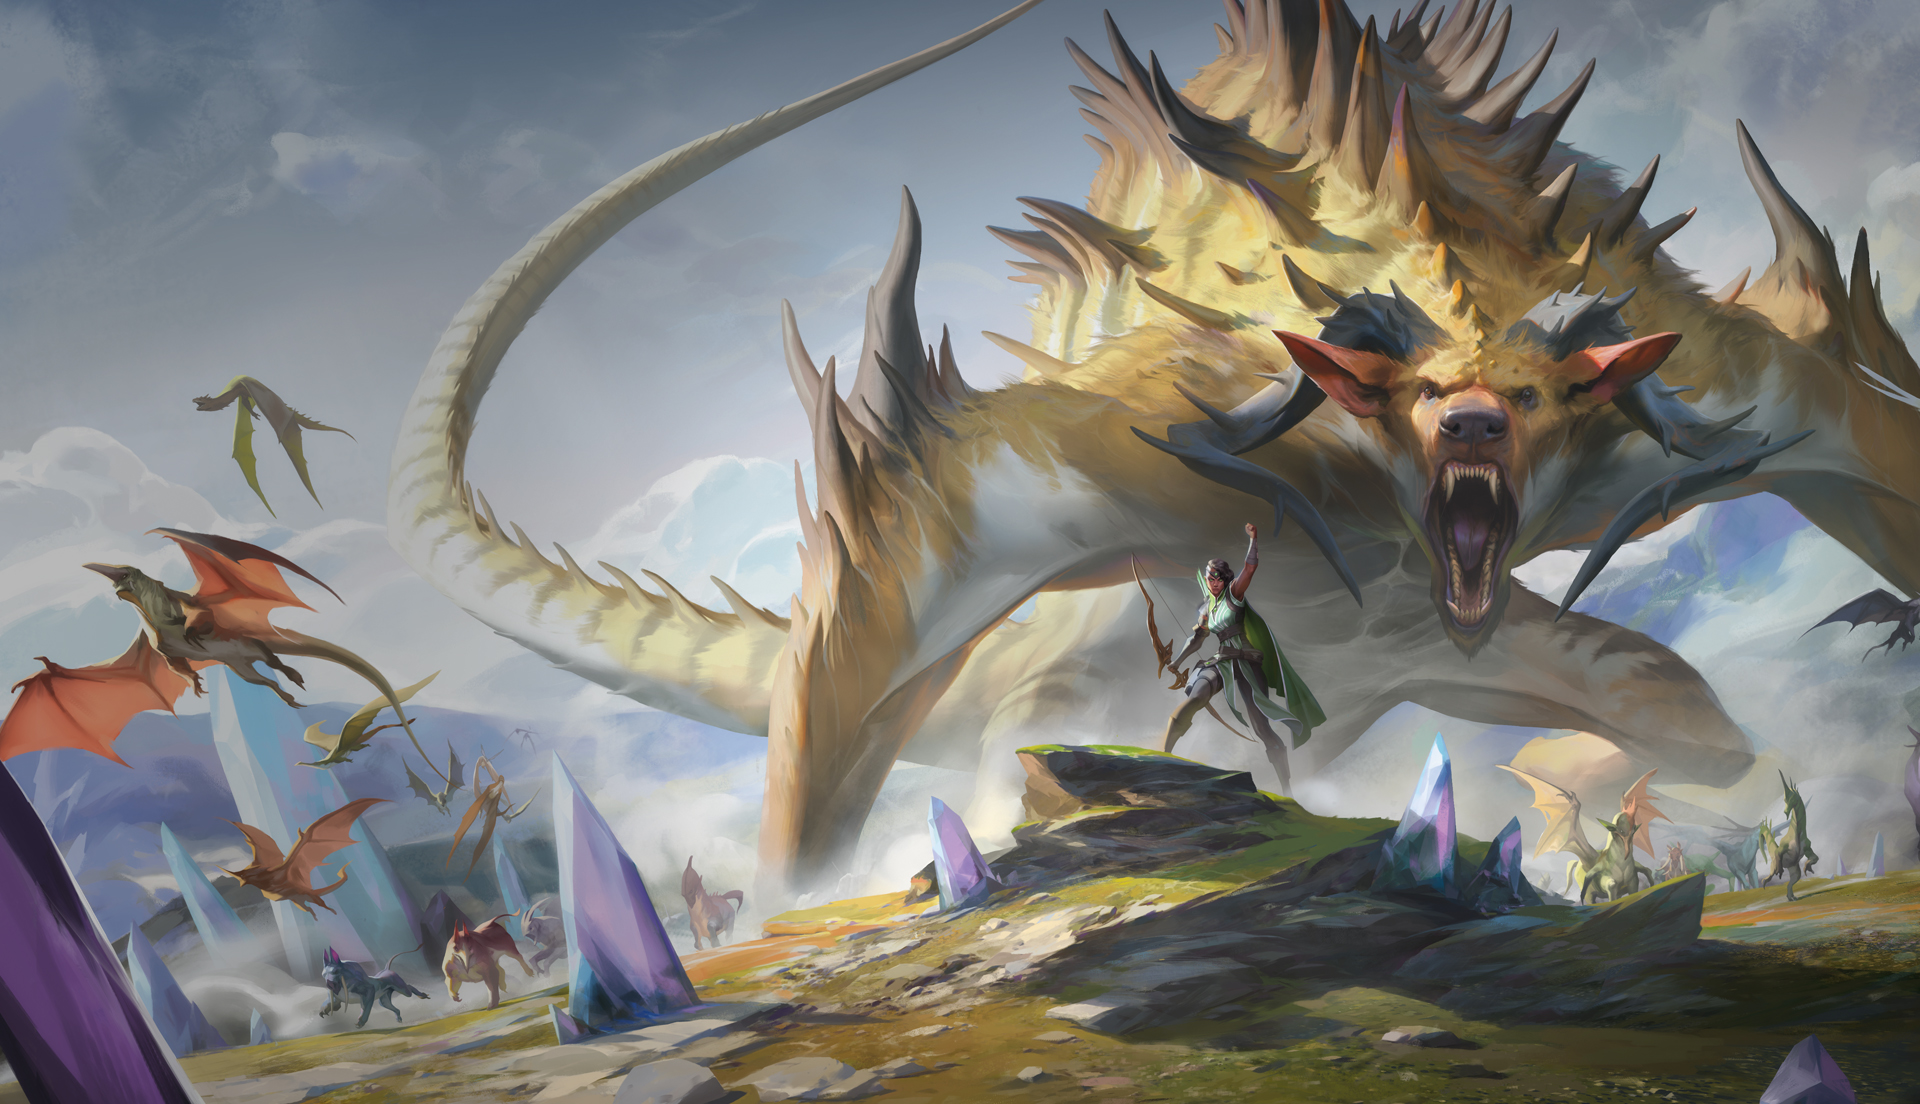 Here's the MTG Ikoria: Lair of the Behemoths spoiler schedule